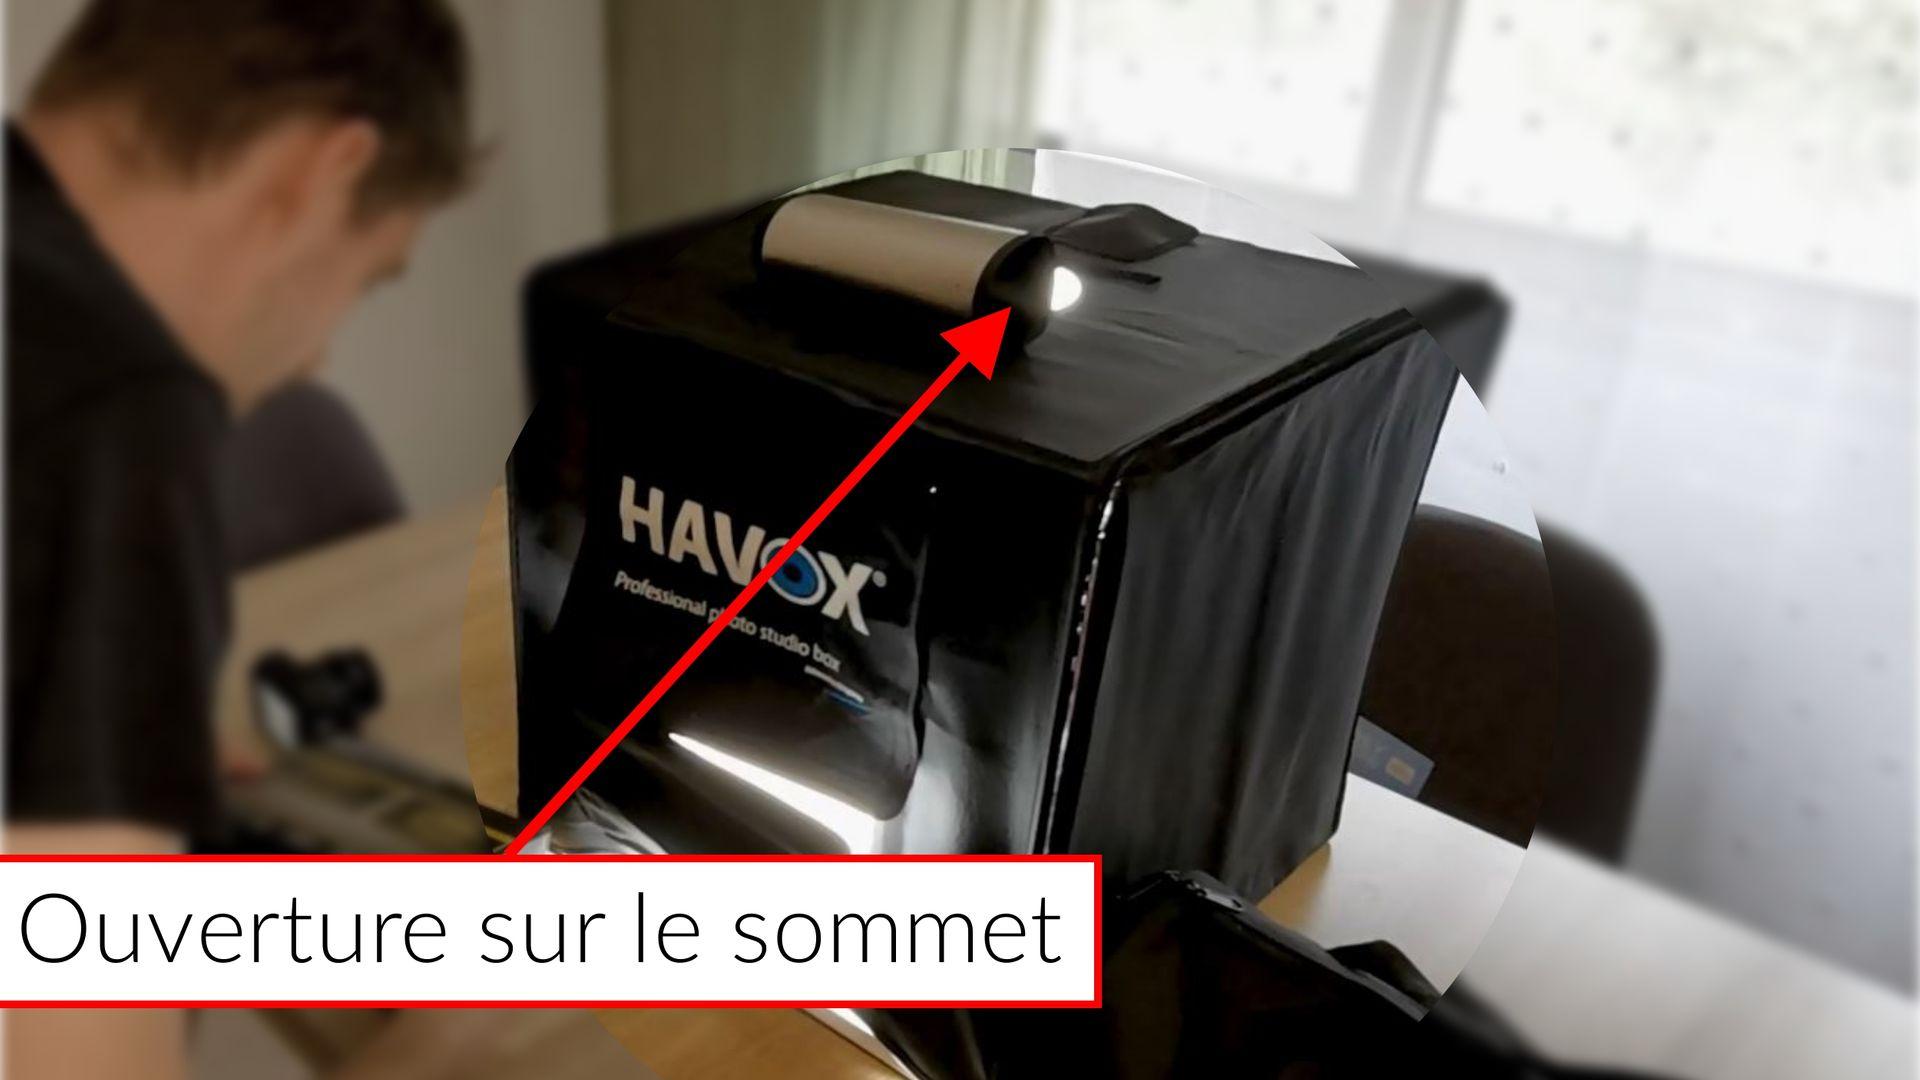 Intellifox - Lightbox - Havox 40x40x40 - prise de vue sur le sommet